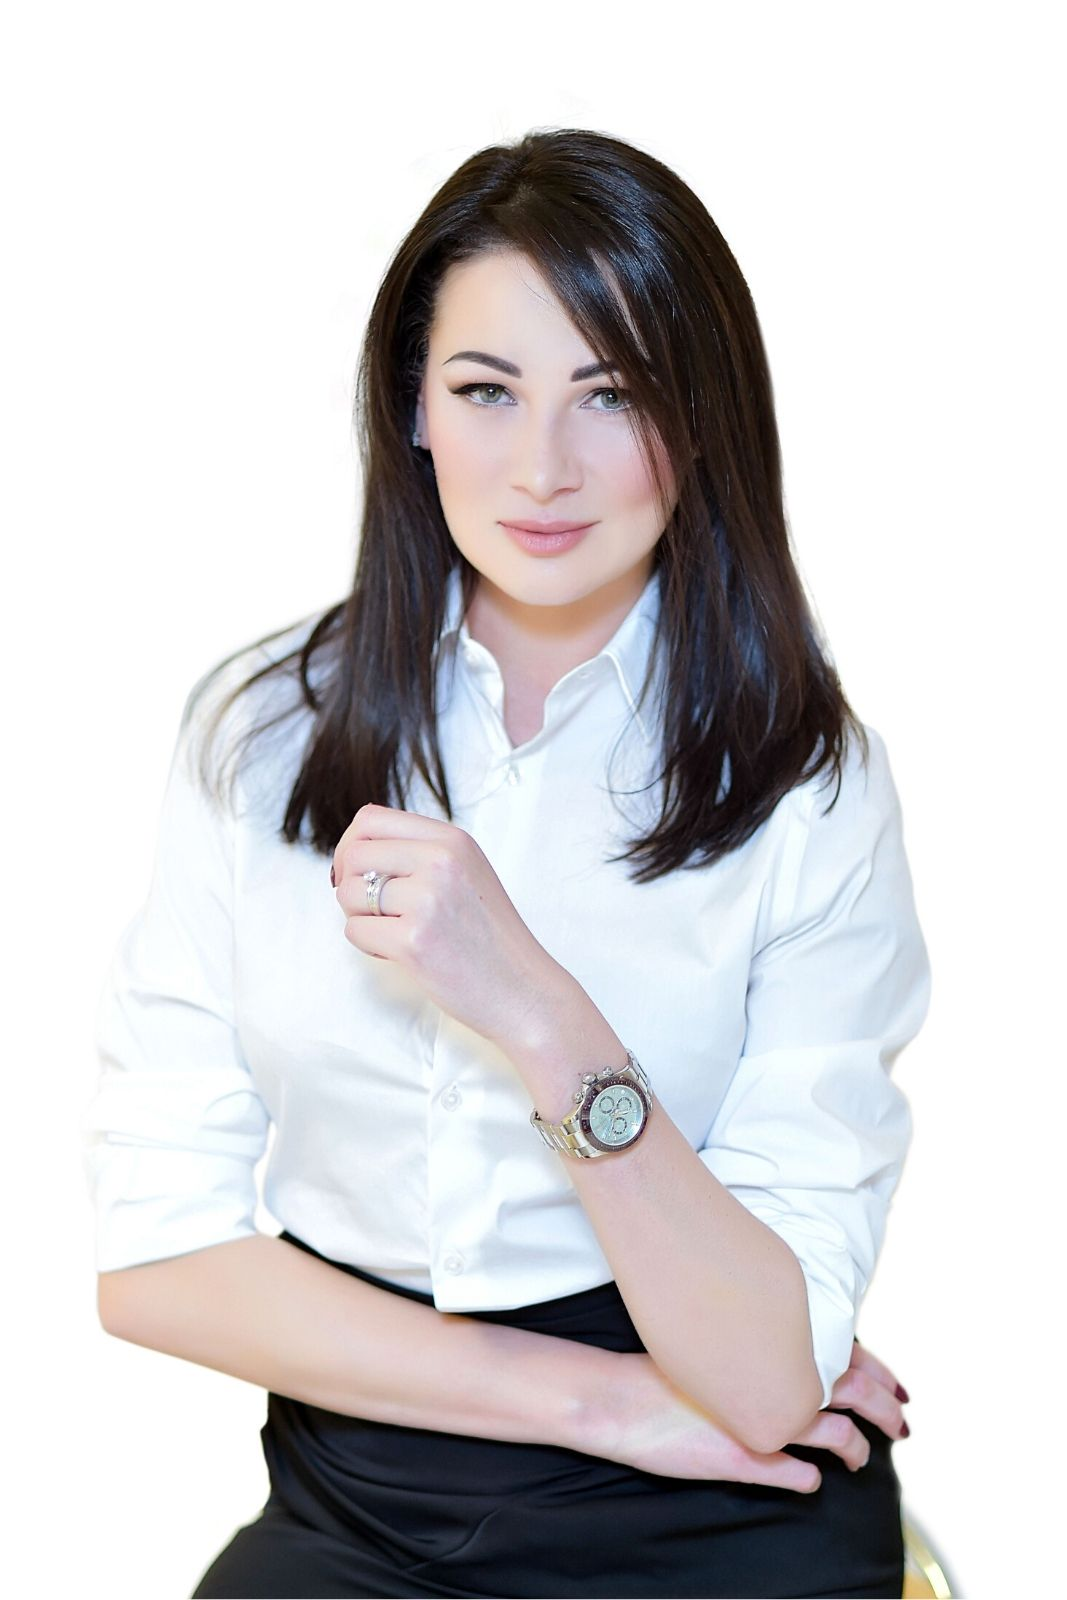 Aleksandra Aruvald